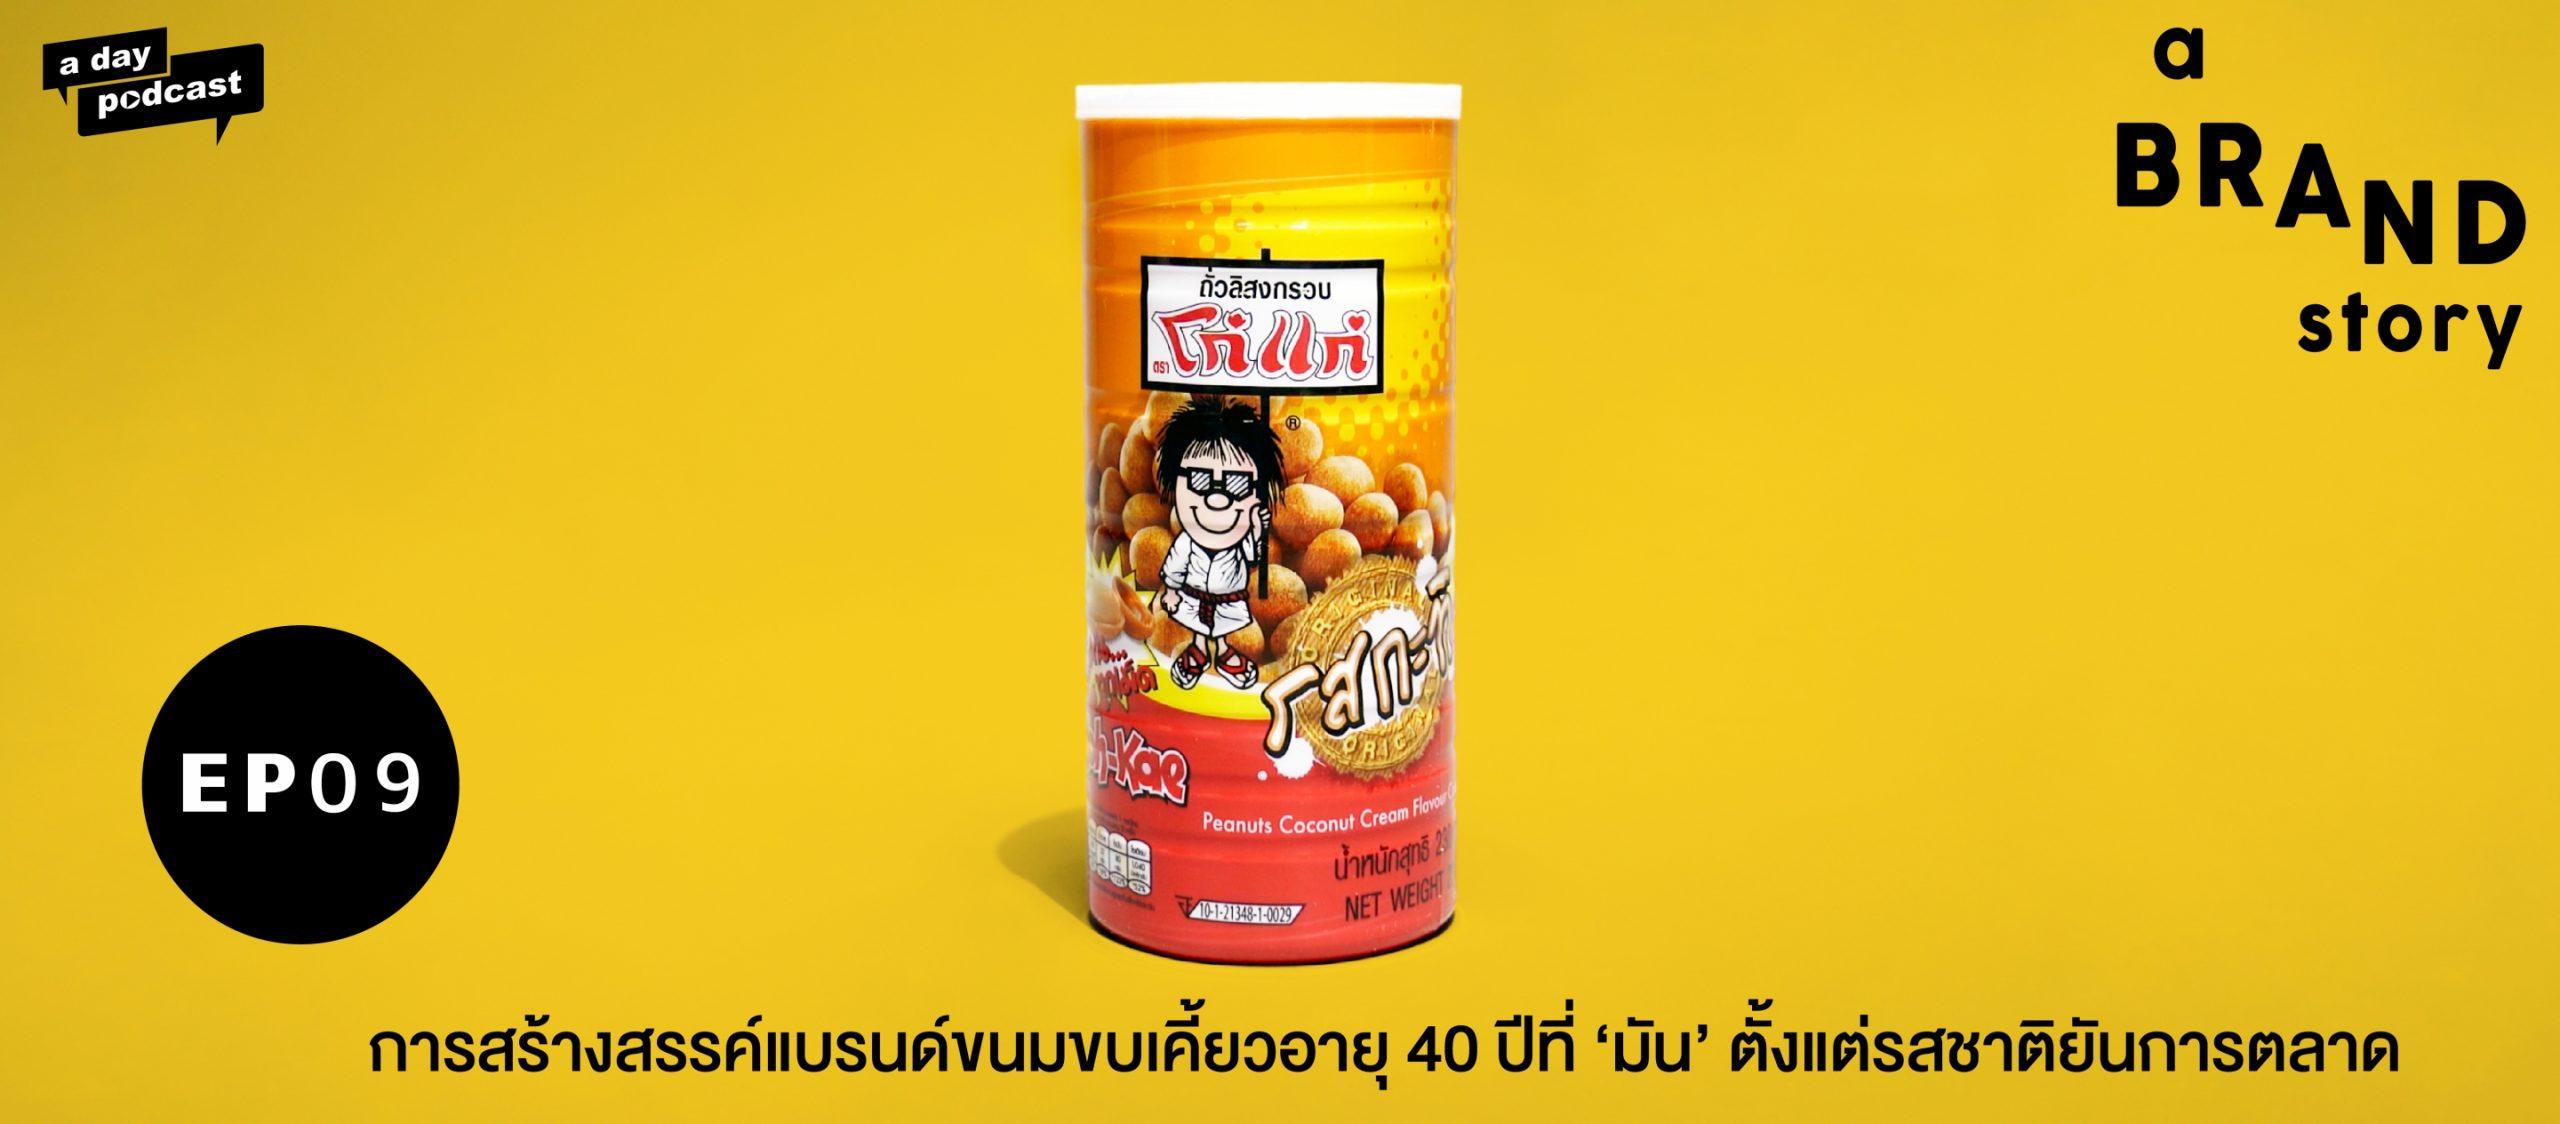 a BRAND story EP.09 การสร้างแบรนด์ขนมขบเคี้ยวอายุ 40 ปีที่ 'มัน' ตั้งแต่รสชาติยันการตลาด | โก๋แก่